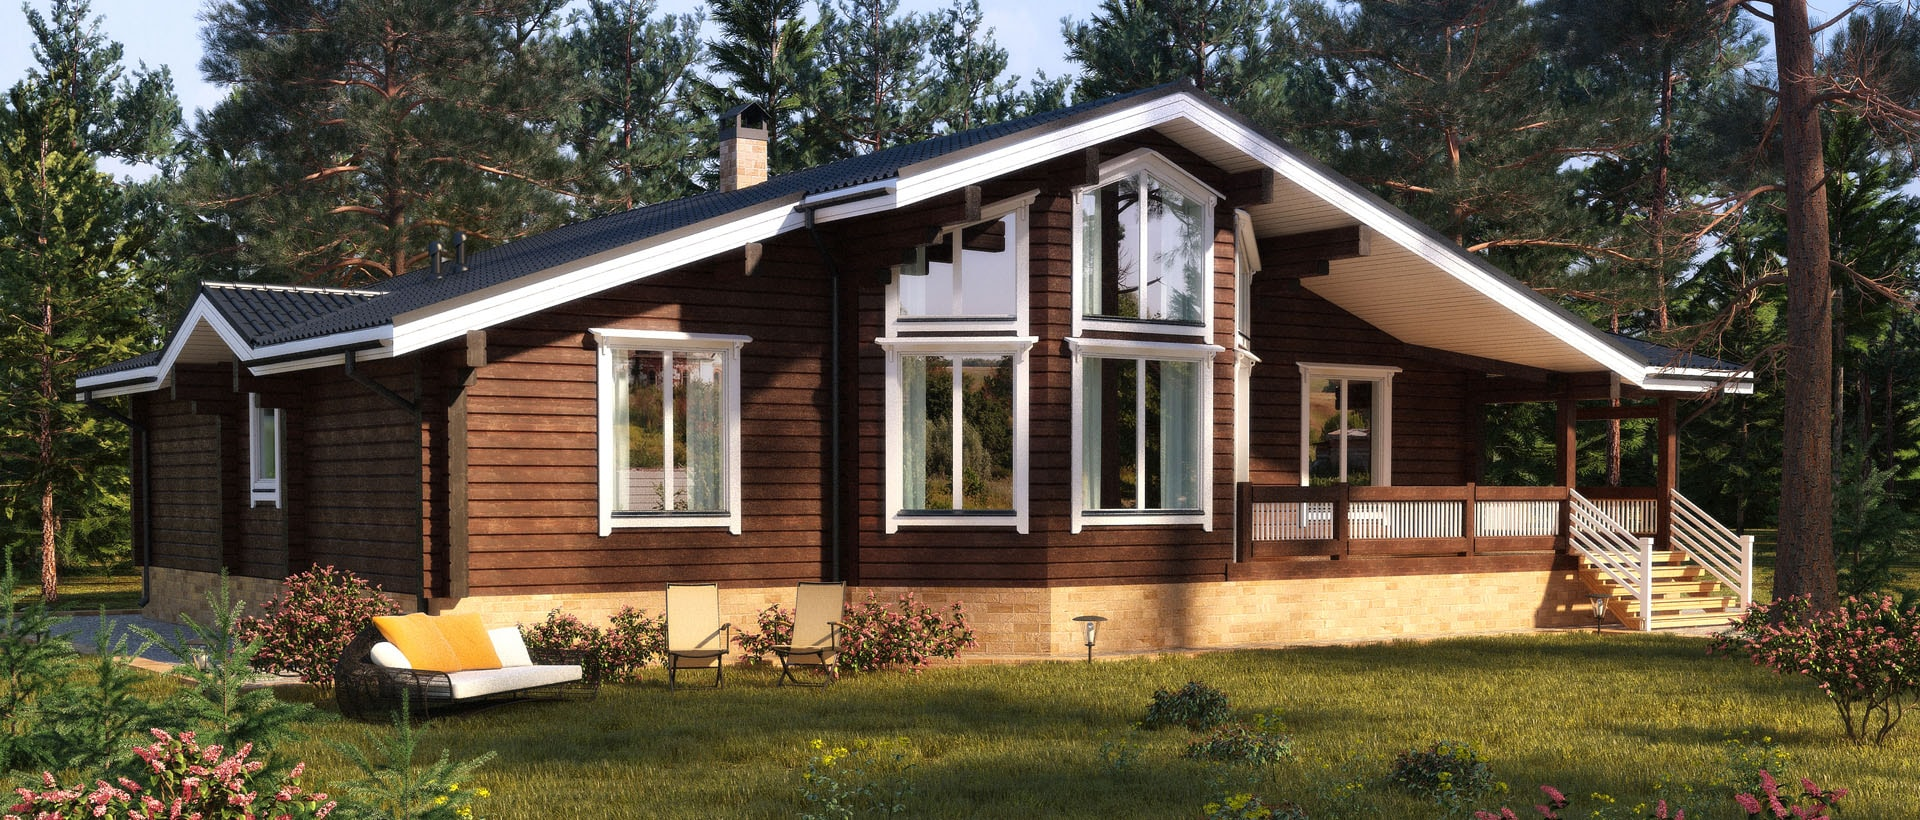 Красивый финский дом – прочный и быстро строится